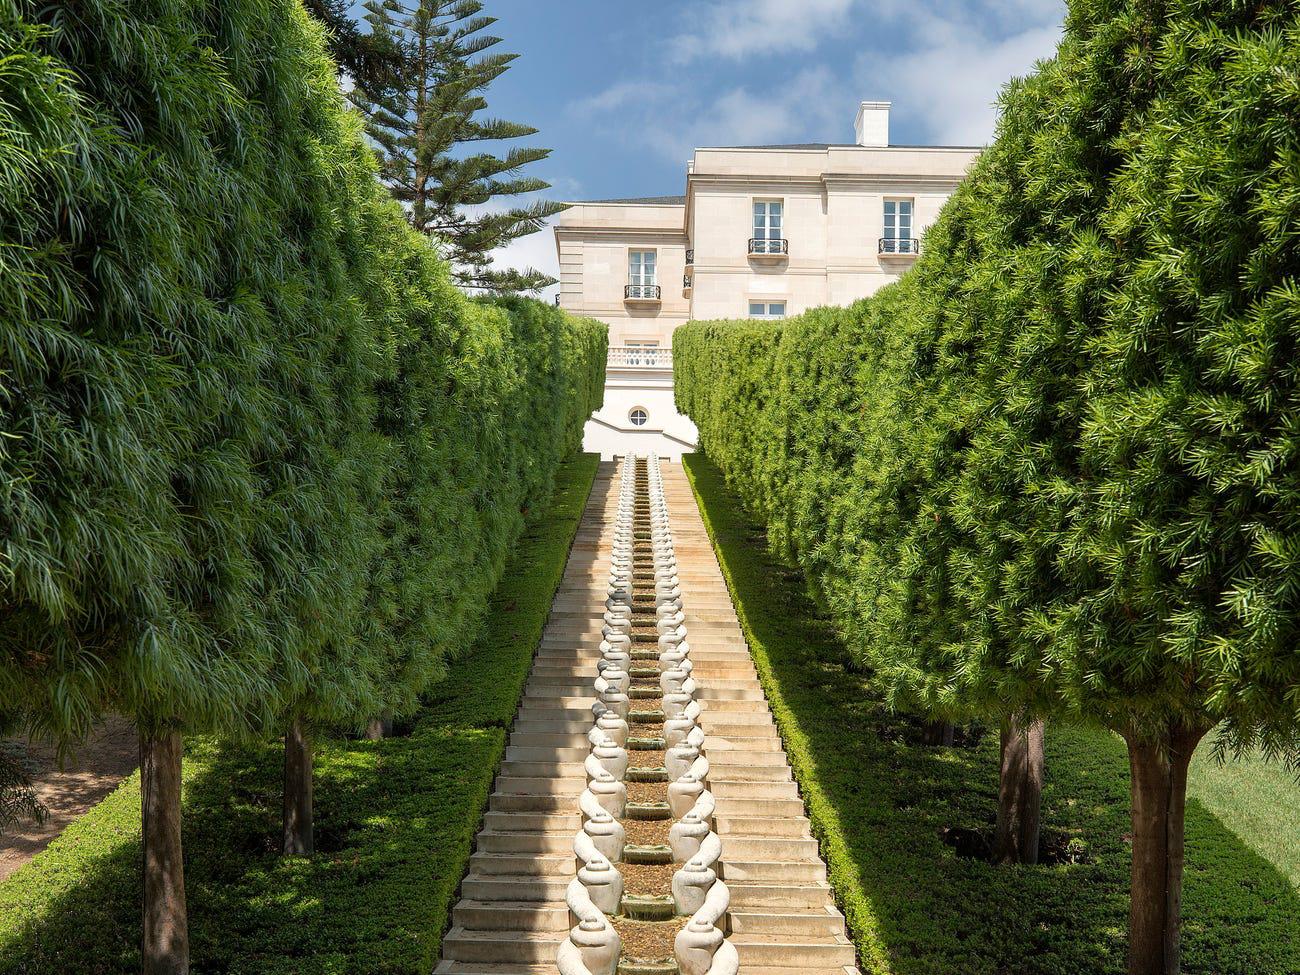 Lối đi trong khuôn viên của dinh thự.